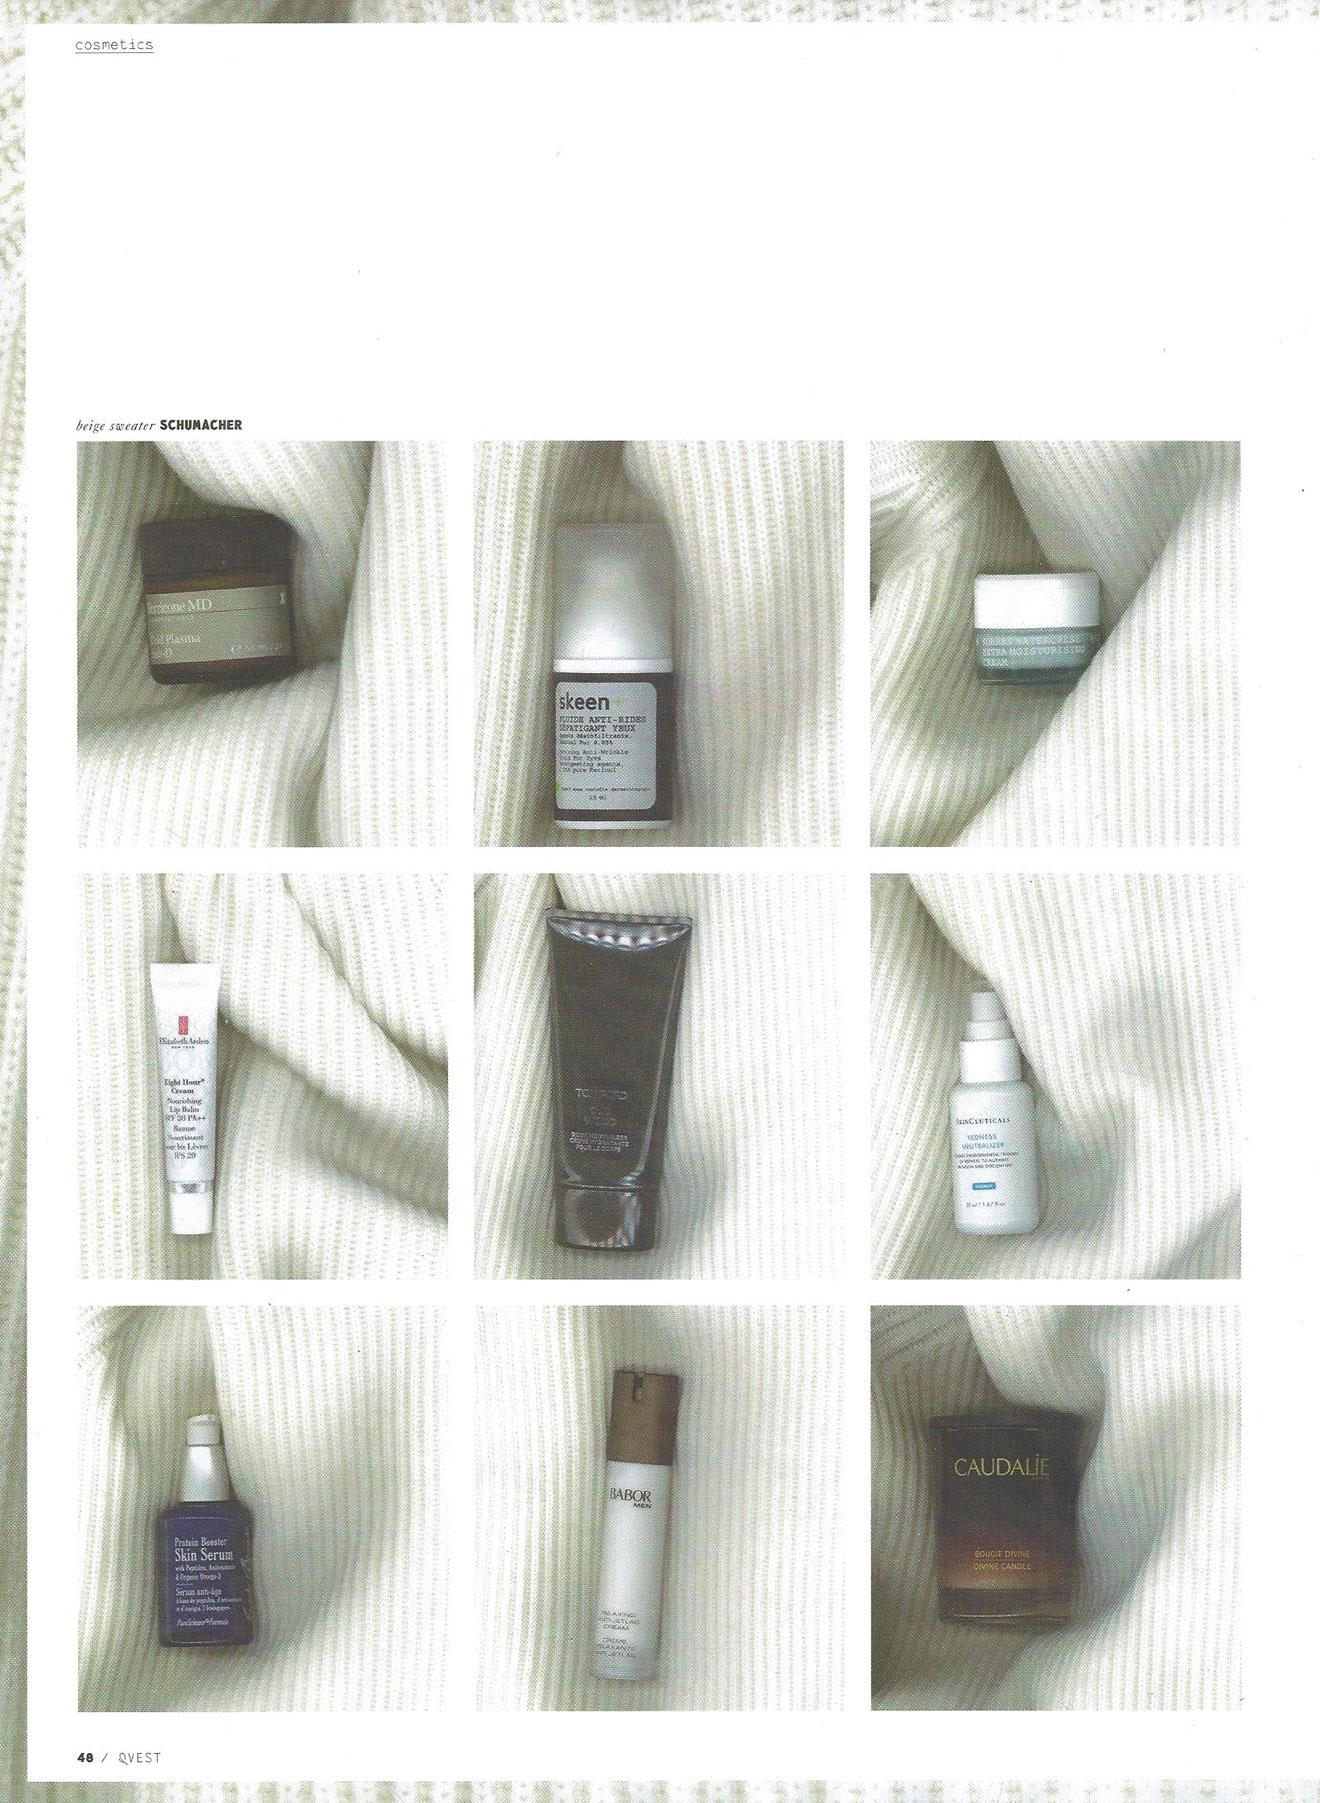 Jack Black Grooming Gesichtspflege für Männer